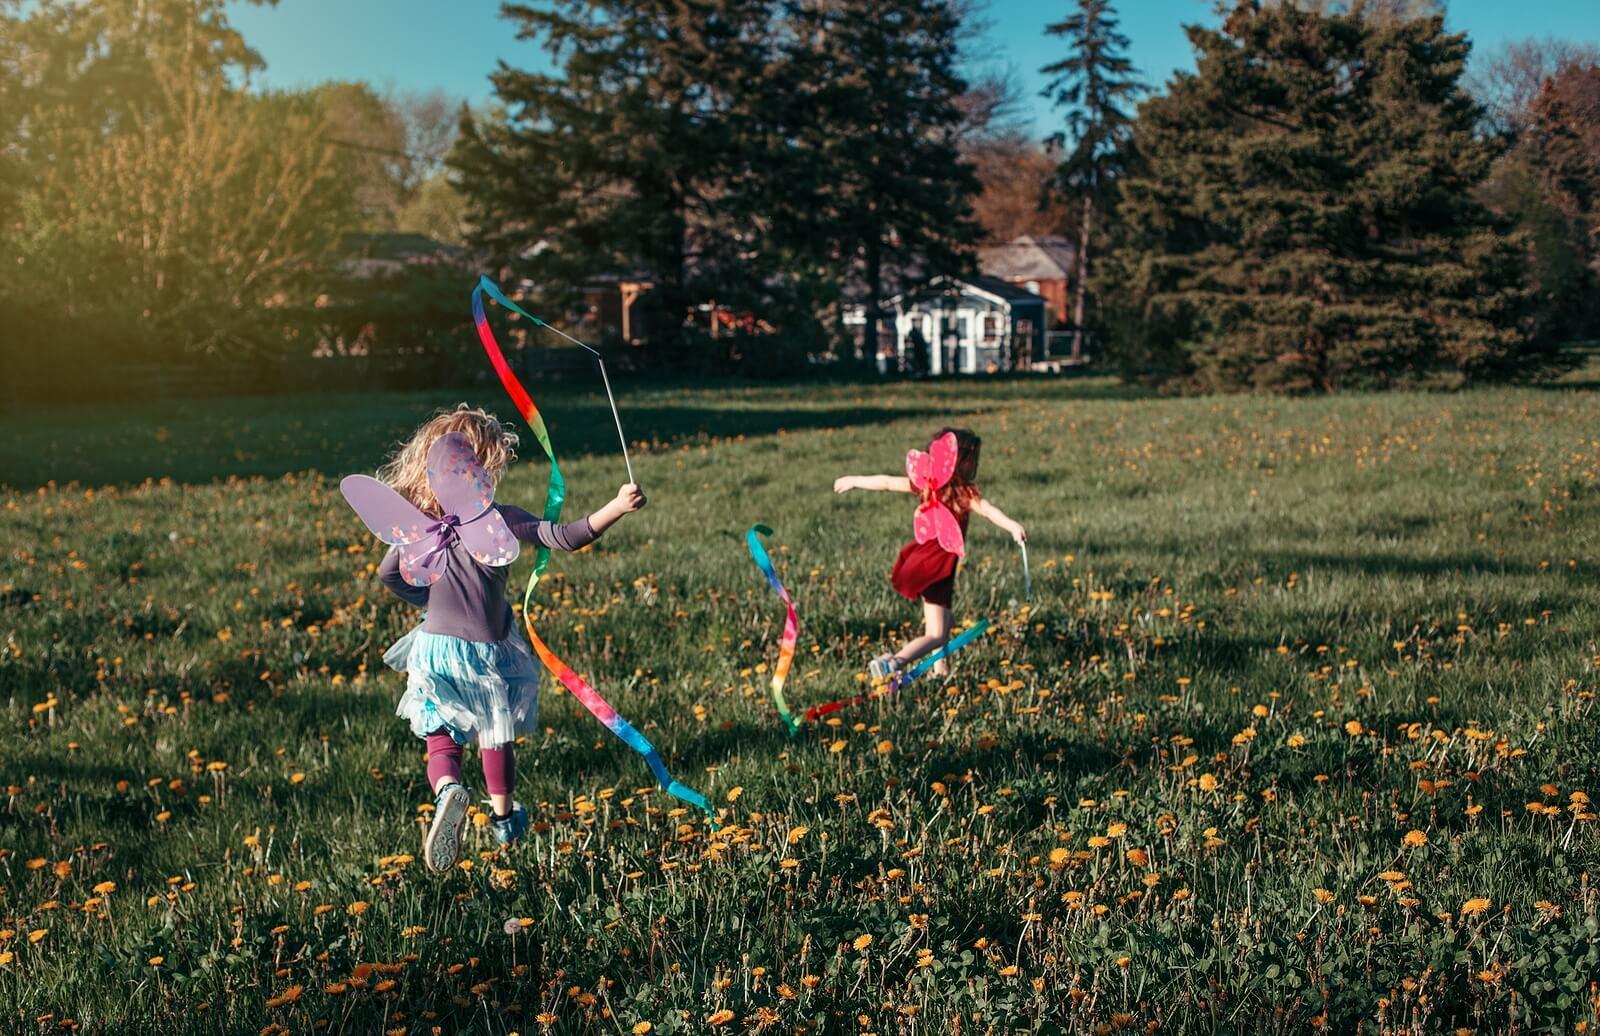 Niñas corriendo y jugando por el parque disfrazadas de hadas.